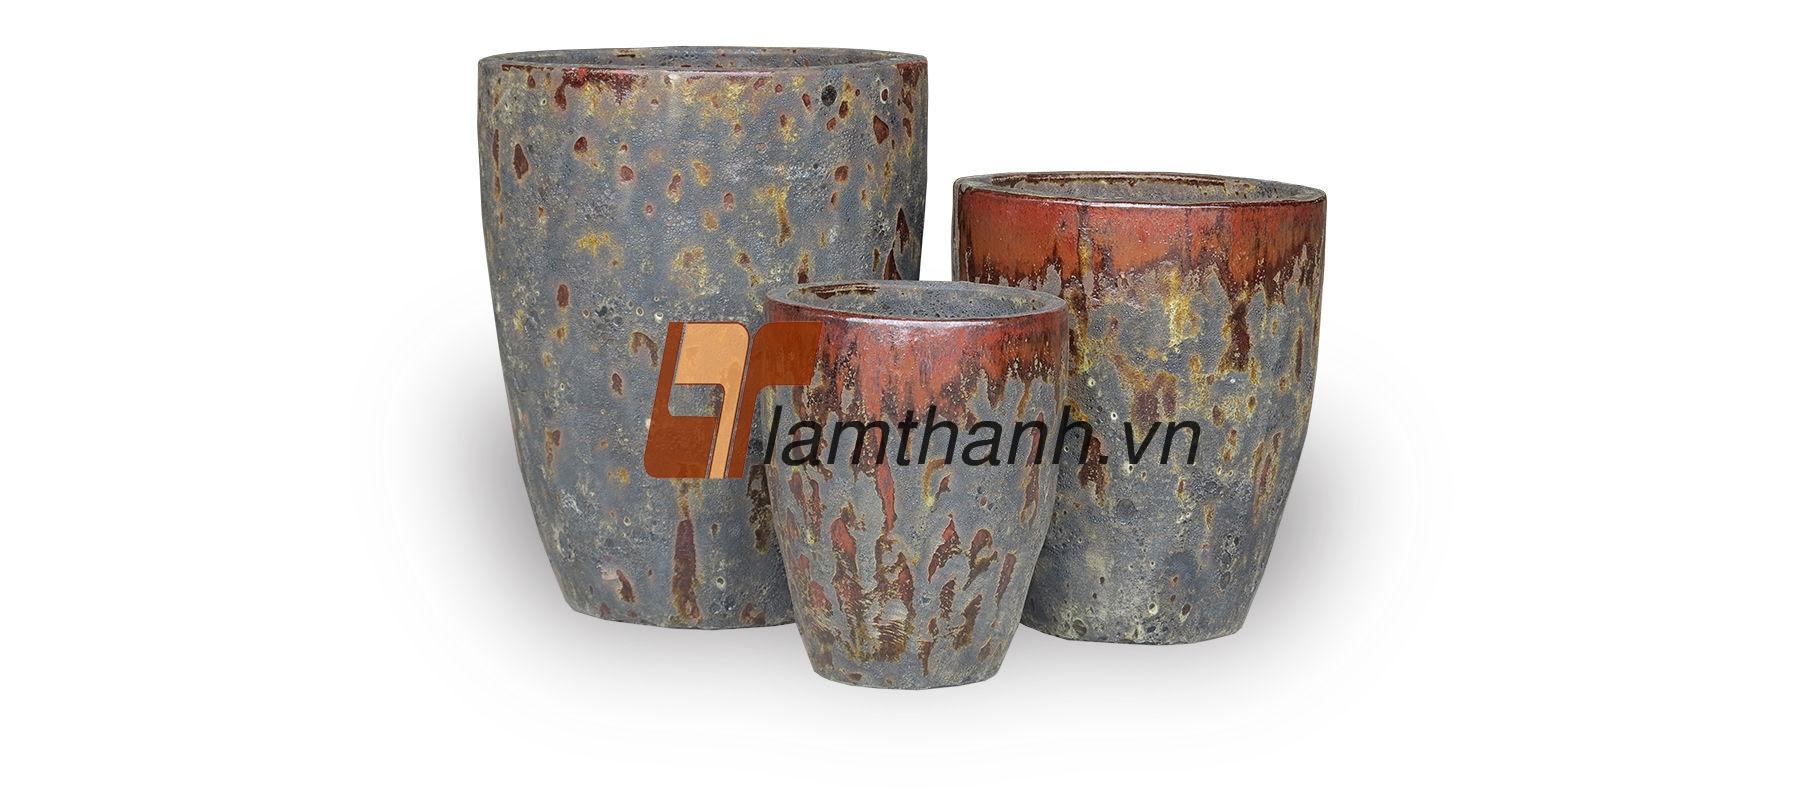 vietnam ceramic, vietnam pottery 07